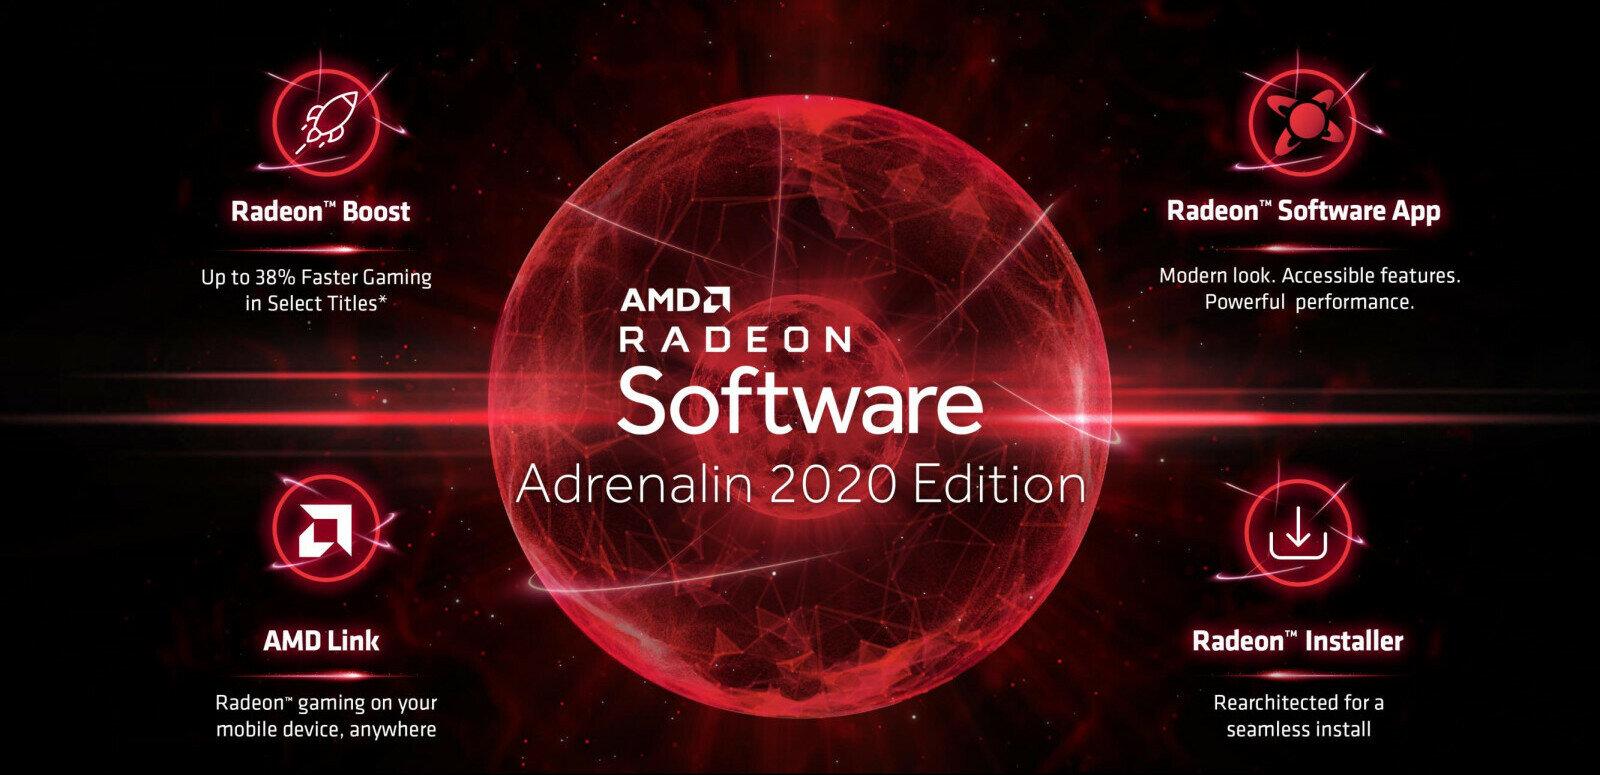 AMD publie ses pilotes Adrenalin 2020 (19.12.2) : Radeon Boost et nouvelle interface au programme